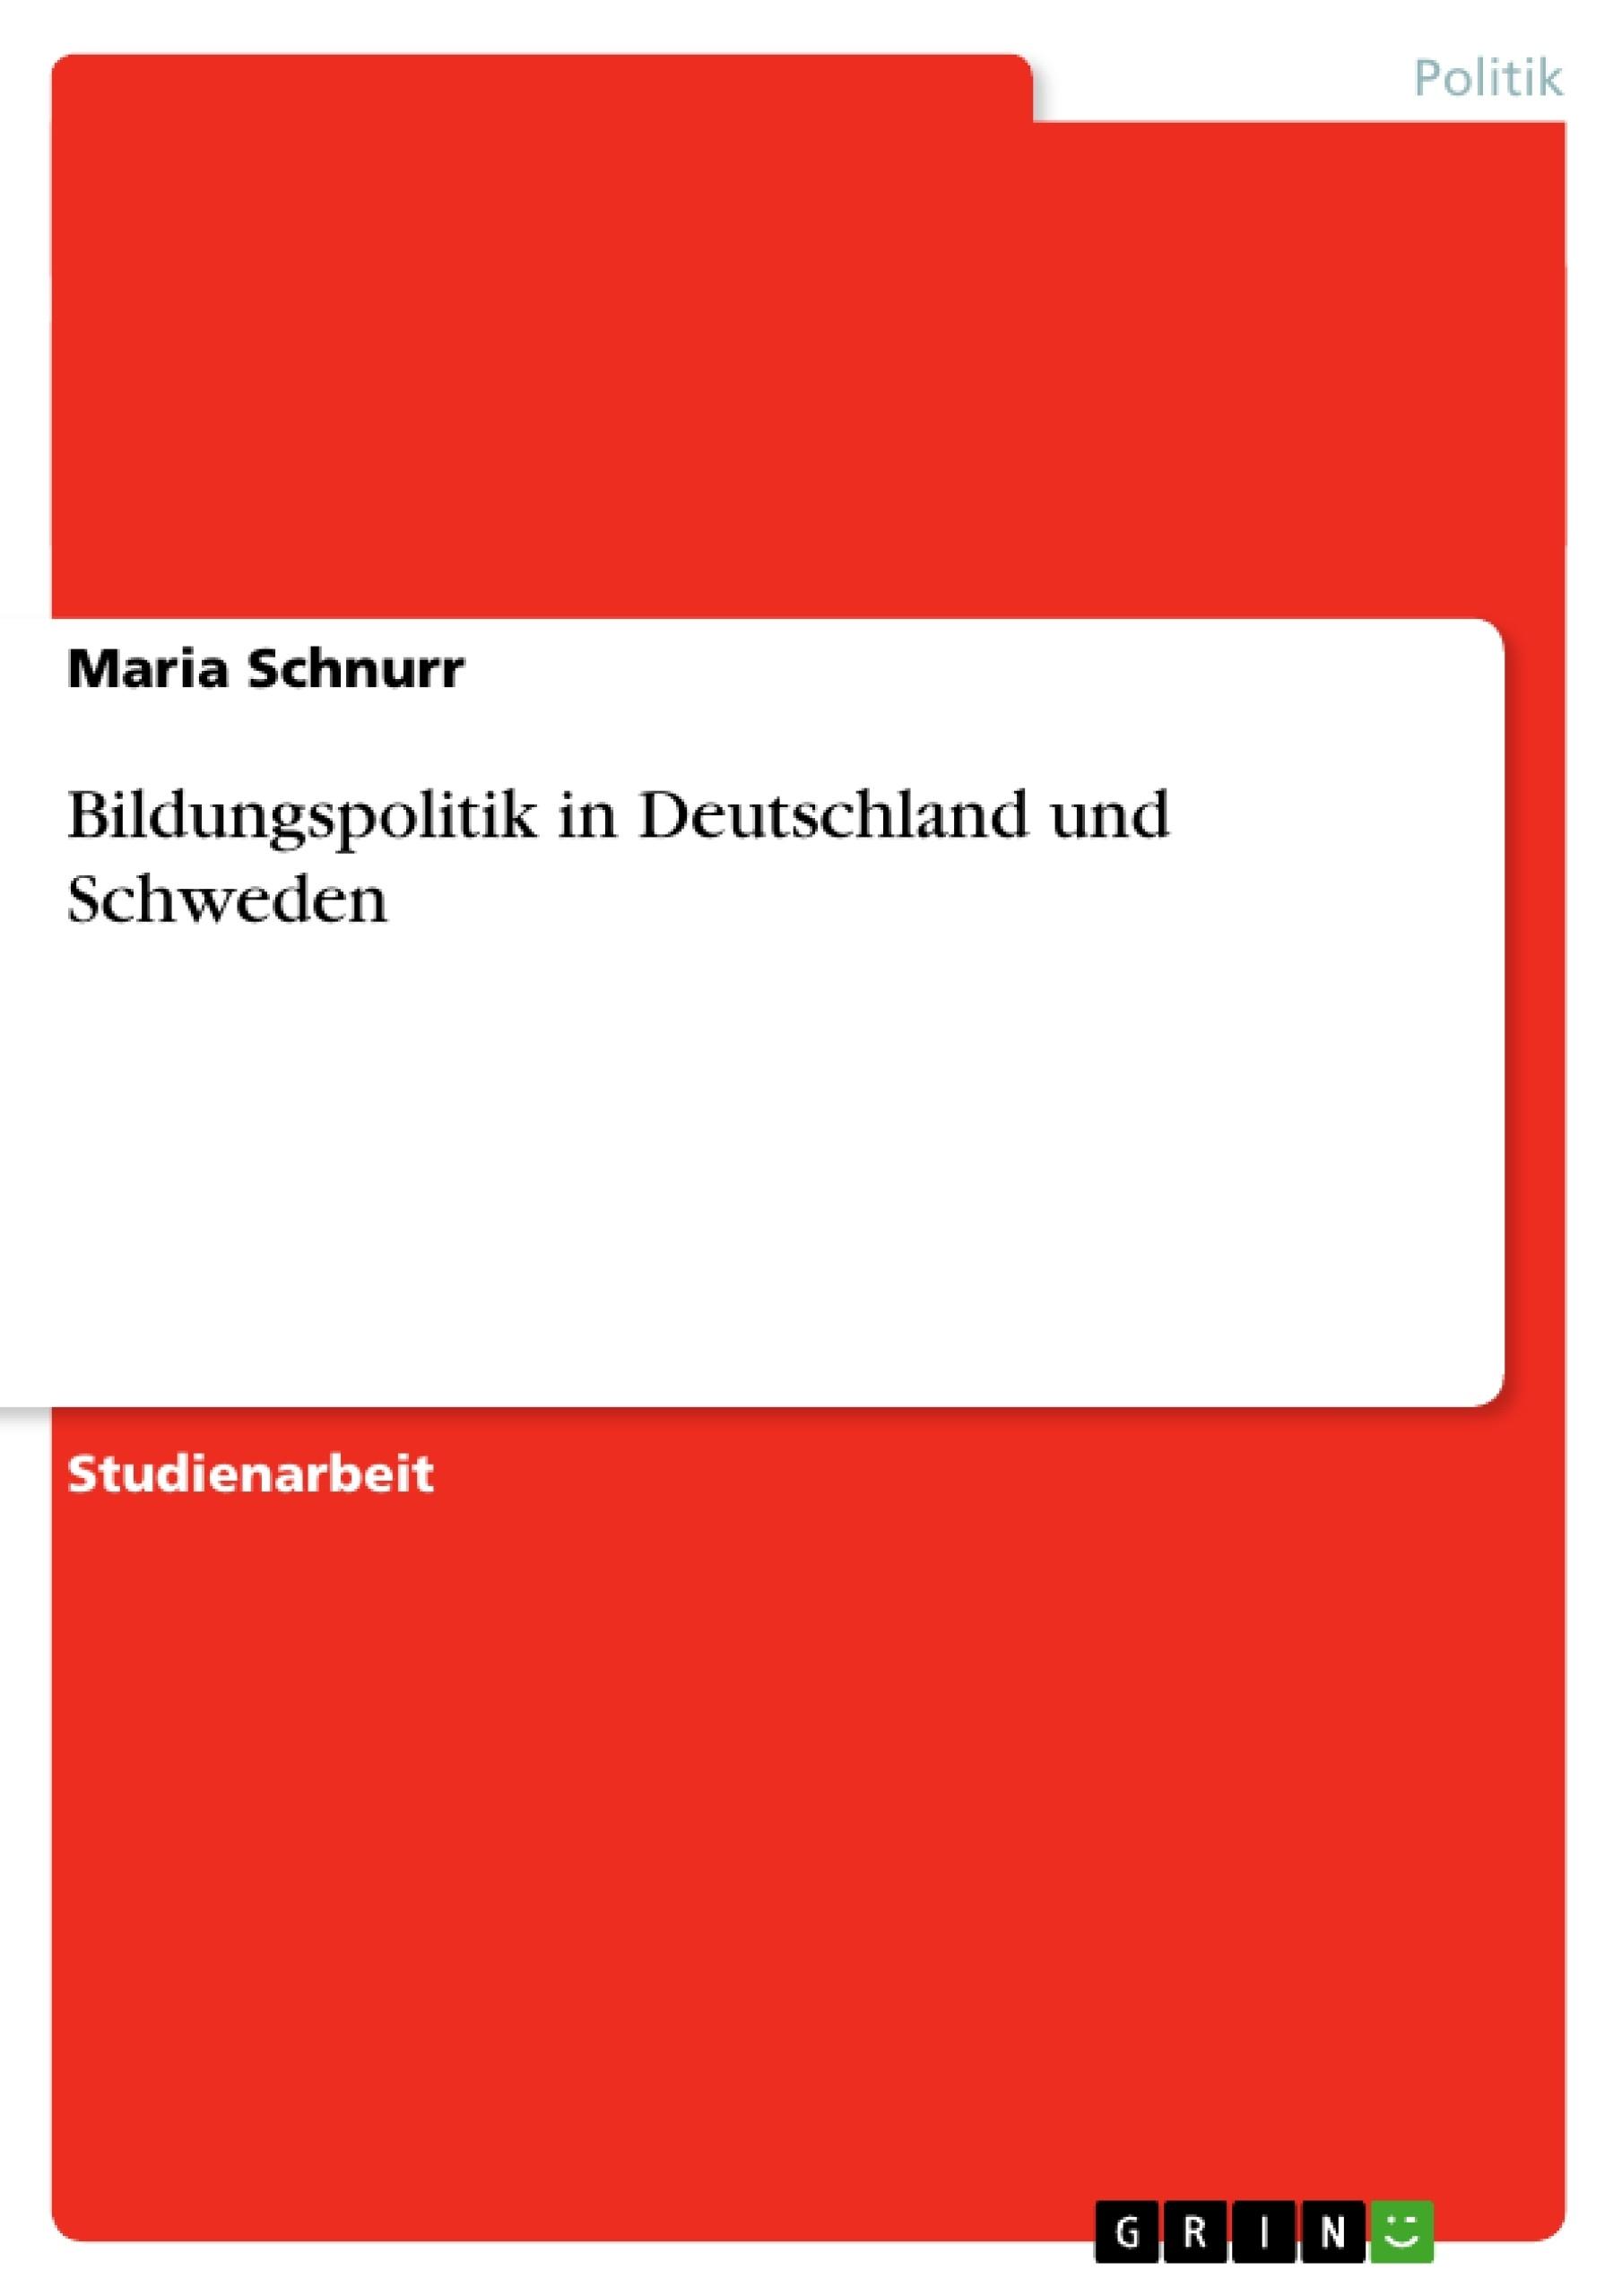 Titel: Bildungspolitik in Deutschland und Schweden